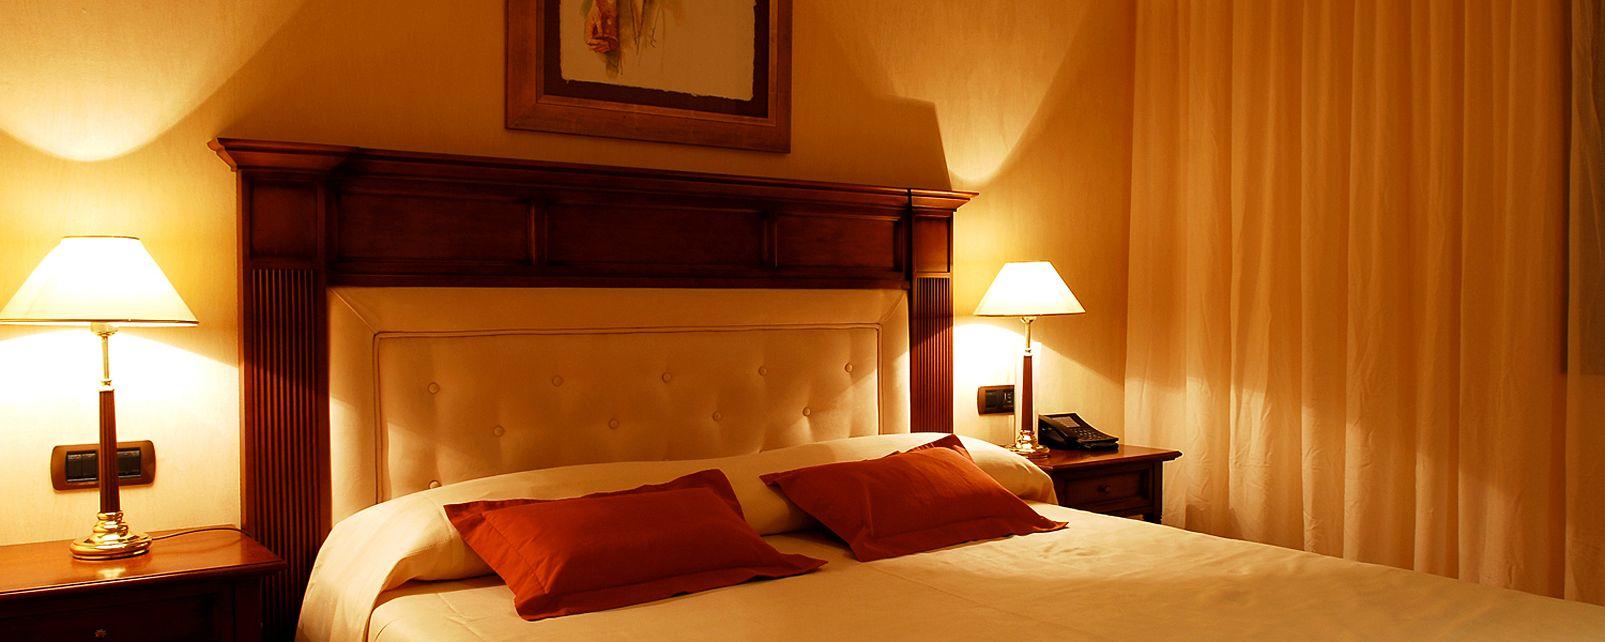 Hotel Hispanos 7 Suiza Apartamentos